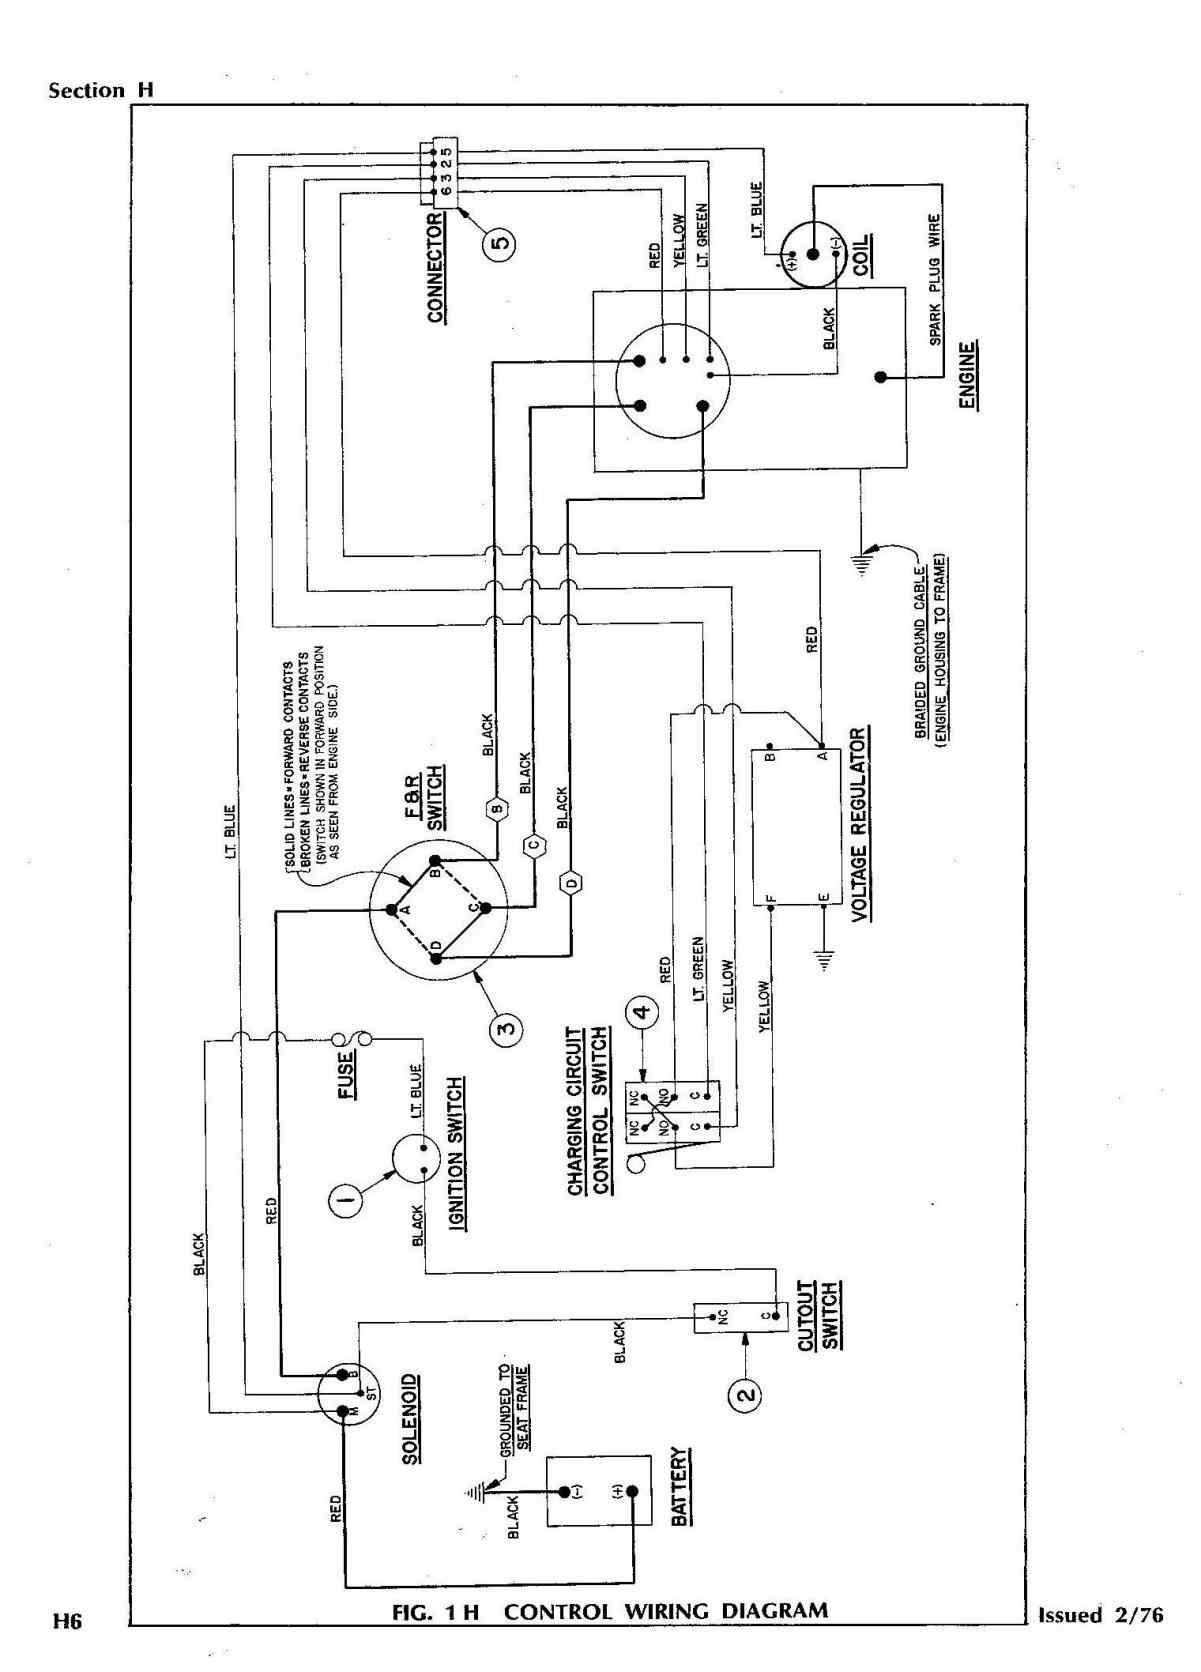 Ez Go Wiring Diagram Engine | Wiring Diagram - Club Car Ds Wiring Diagram